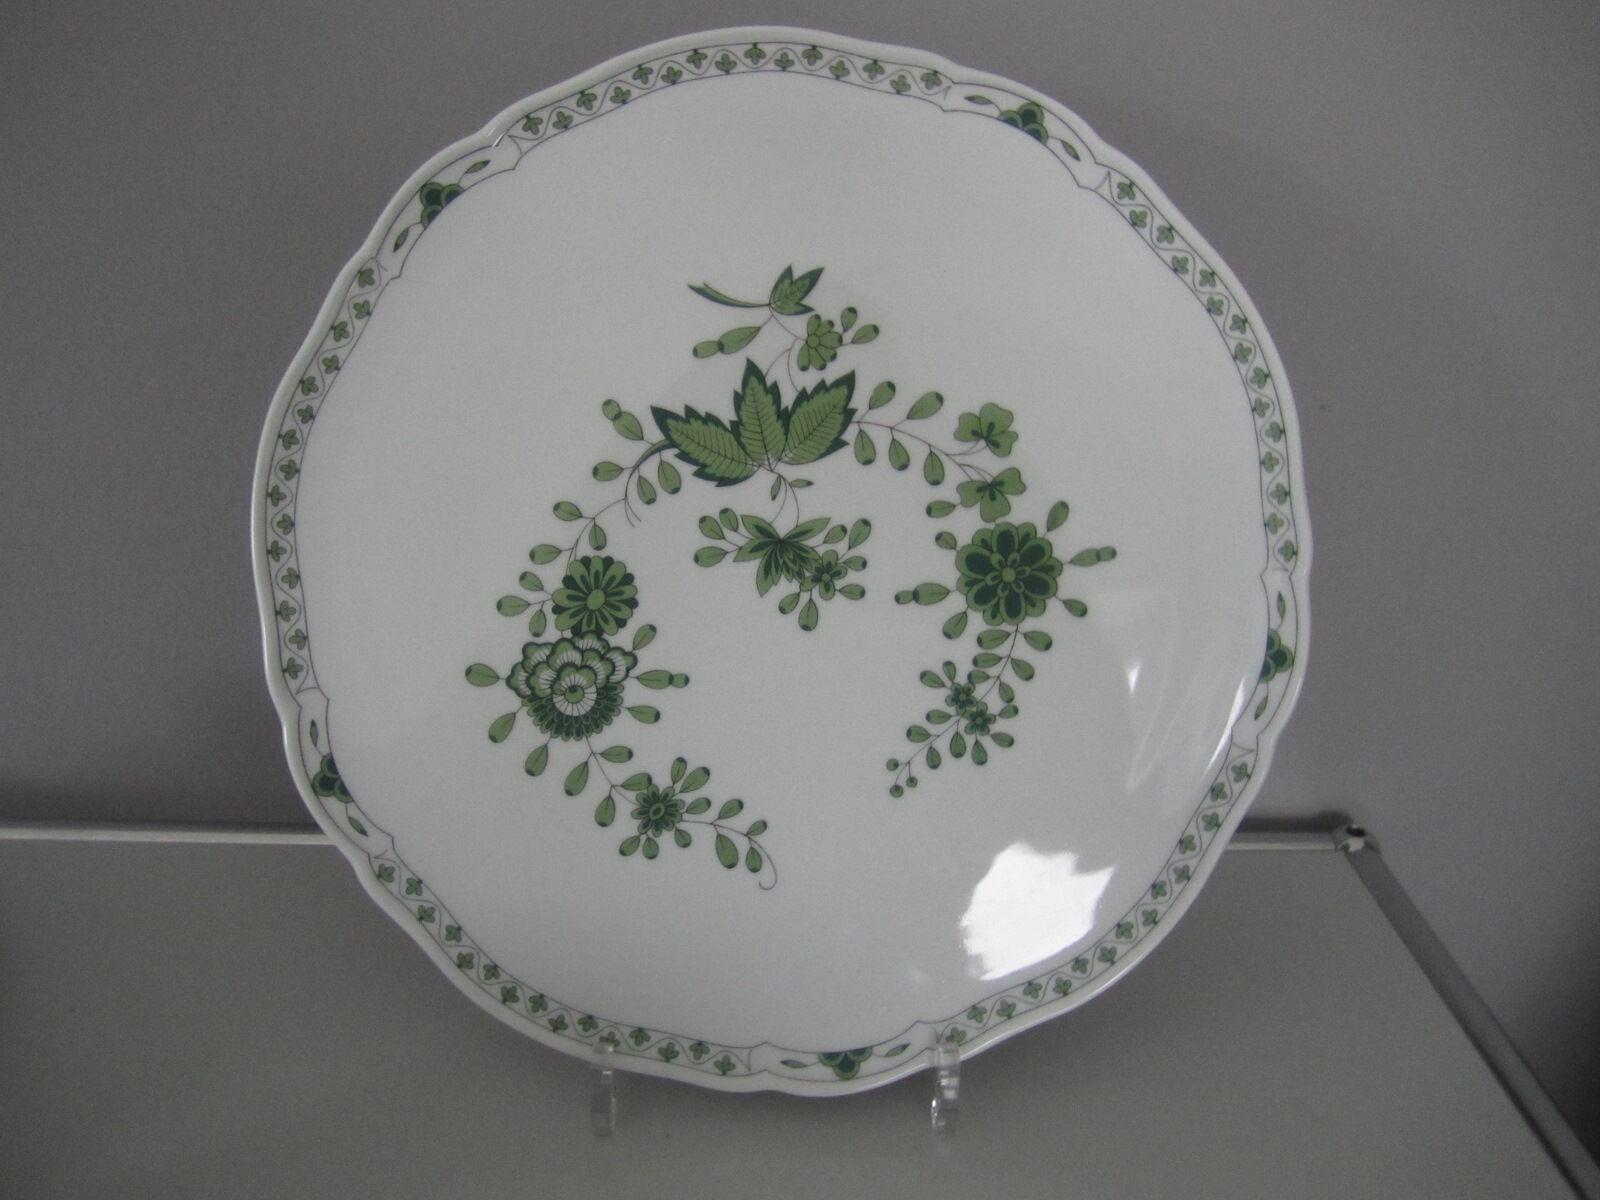 Hutschenreuther MARIA THERESIA Schloßgarten TORTENPLATTE 32 cm Platter | Rich-pünktliche Lieferung